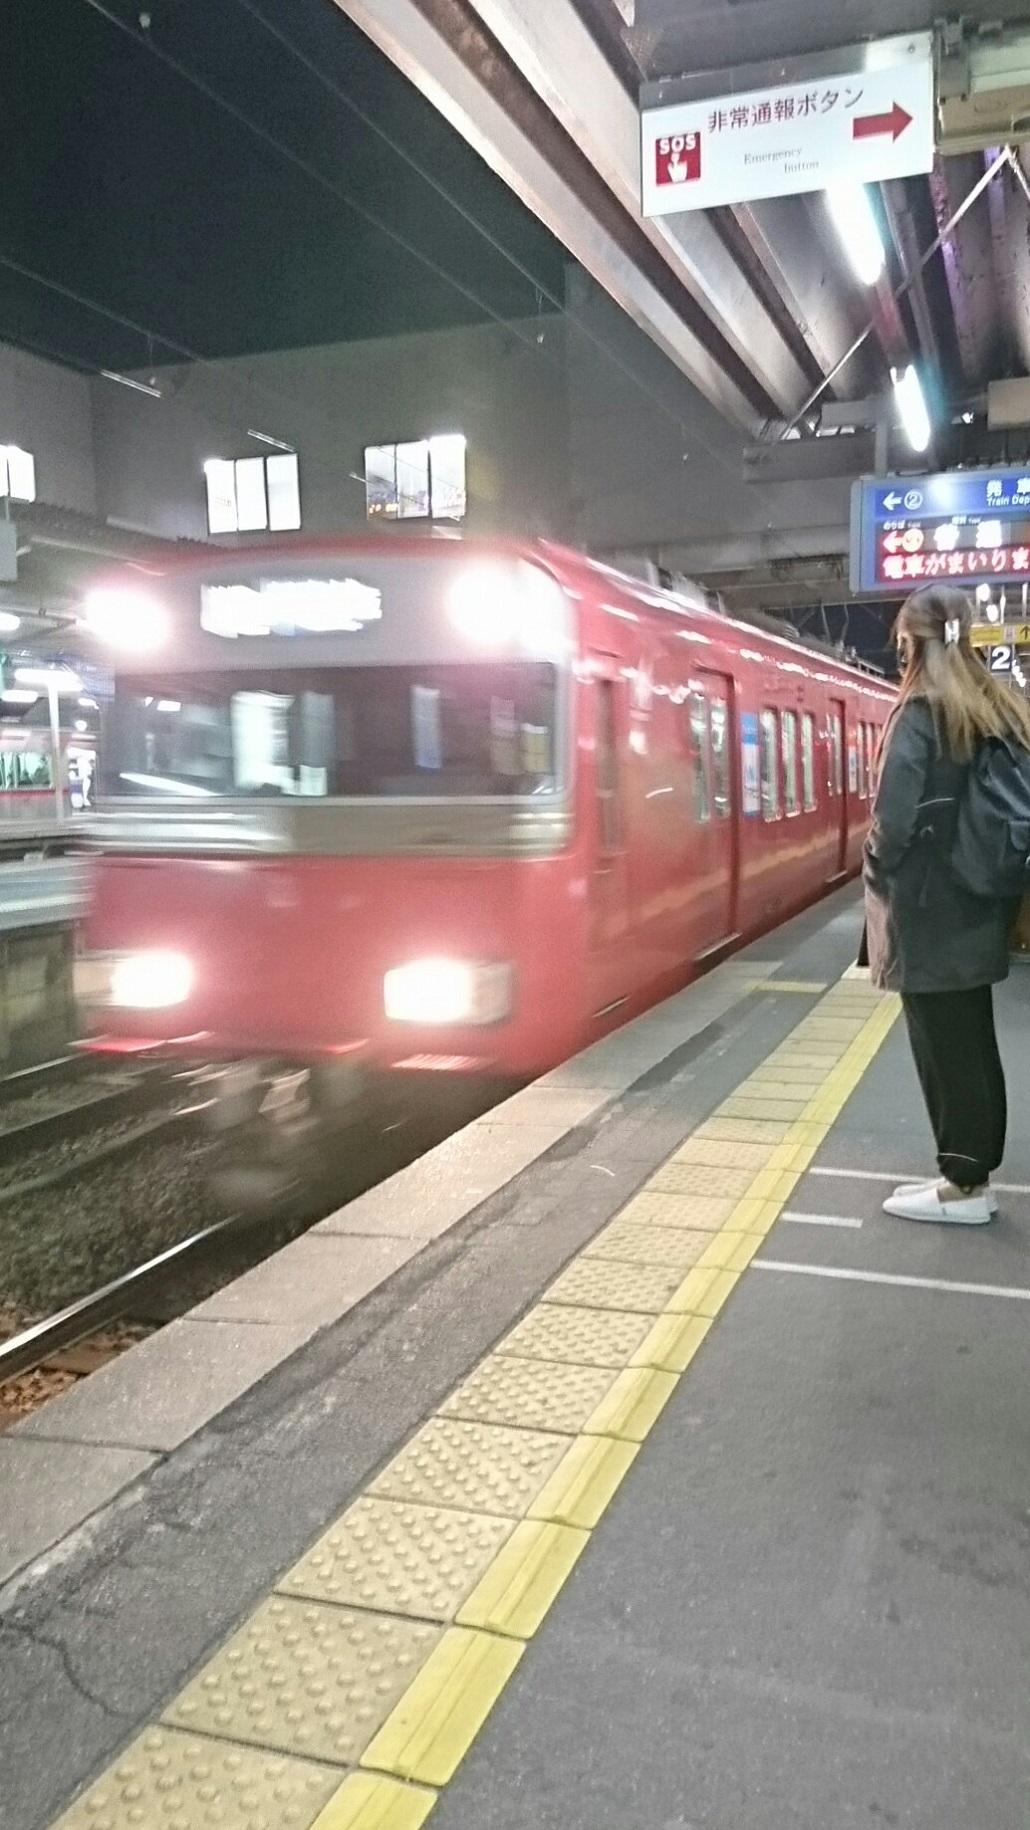 2017.12.19 名古屋 (20) しんあんじょう - しんあんじょういきふつう 1030-1830